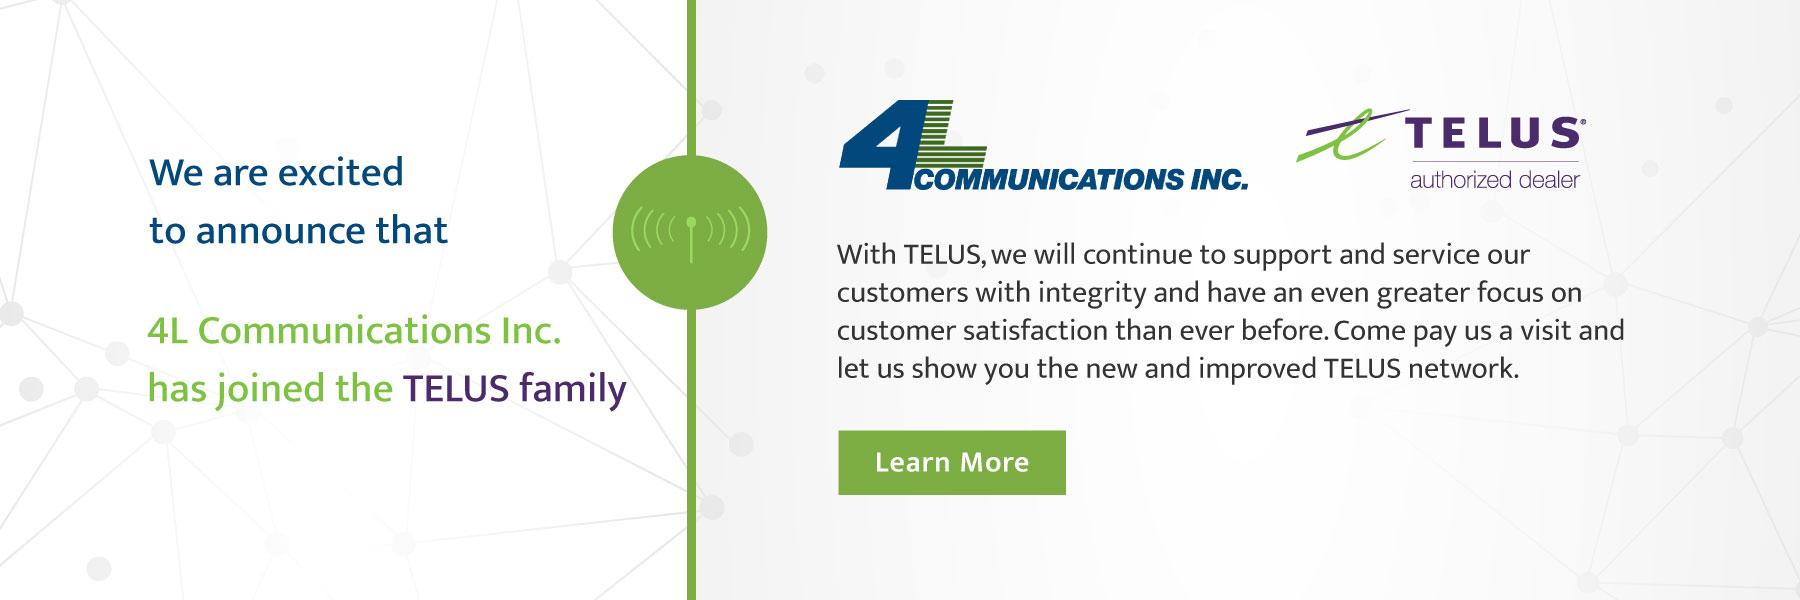 4L Communications Telus Dealer